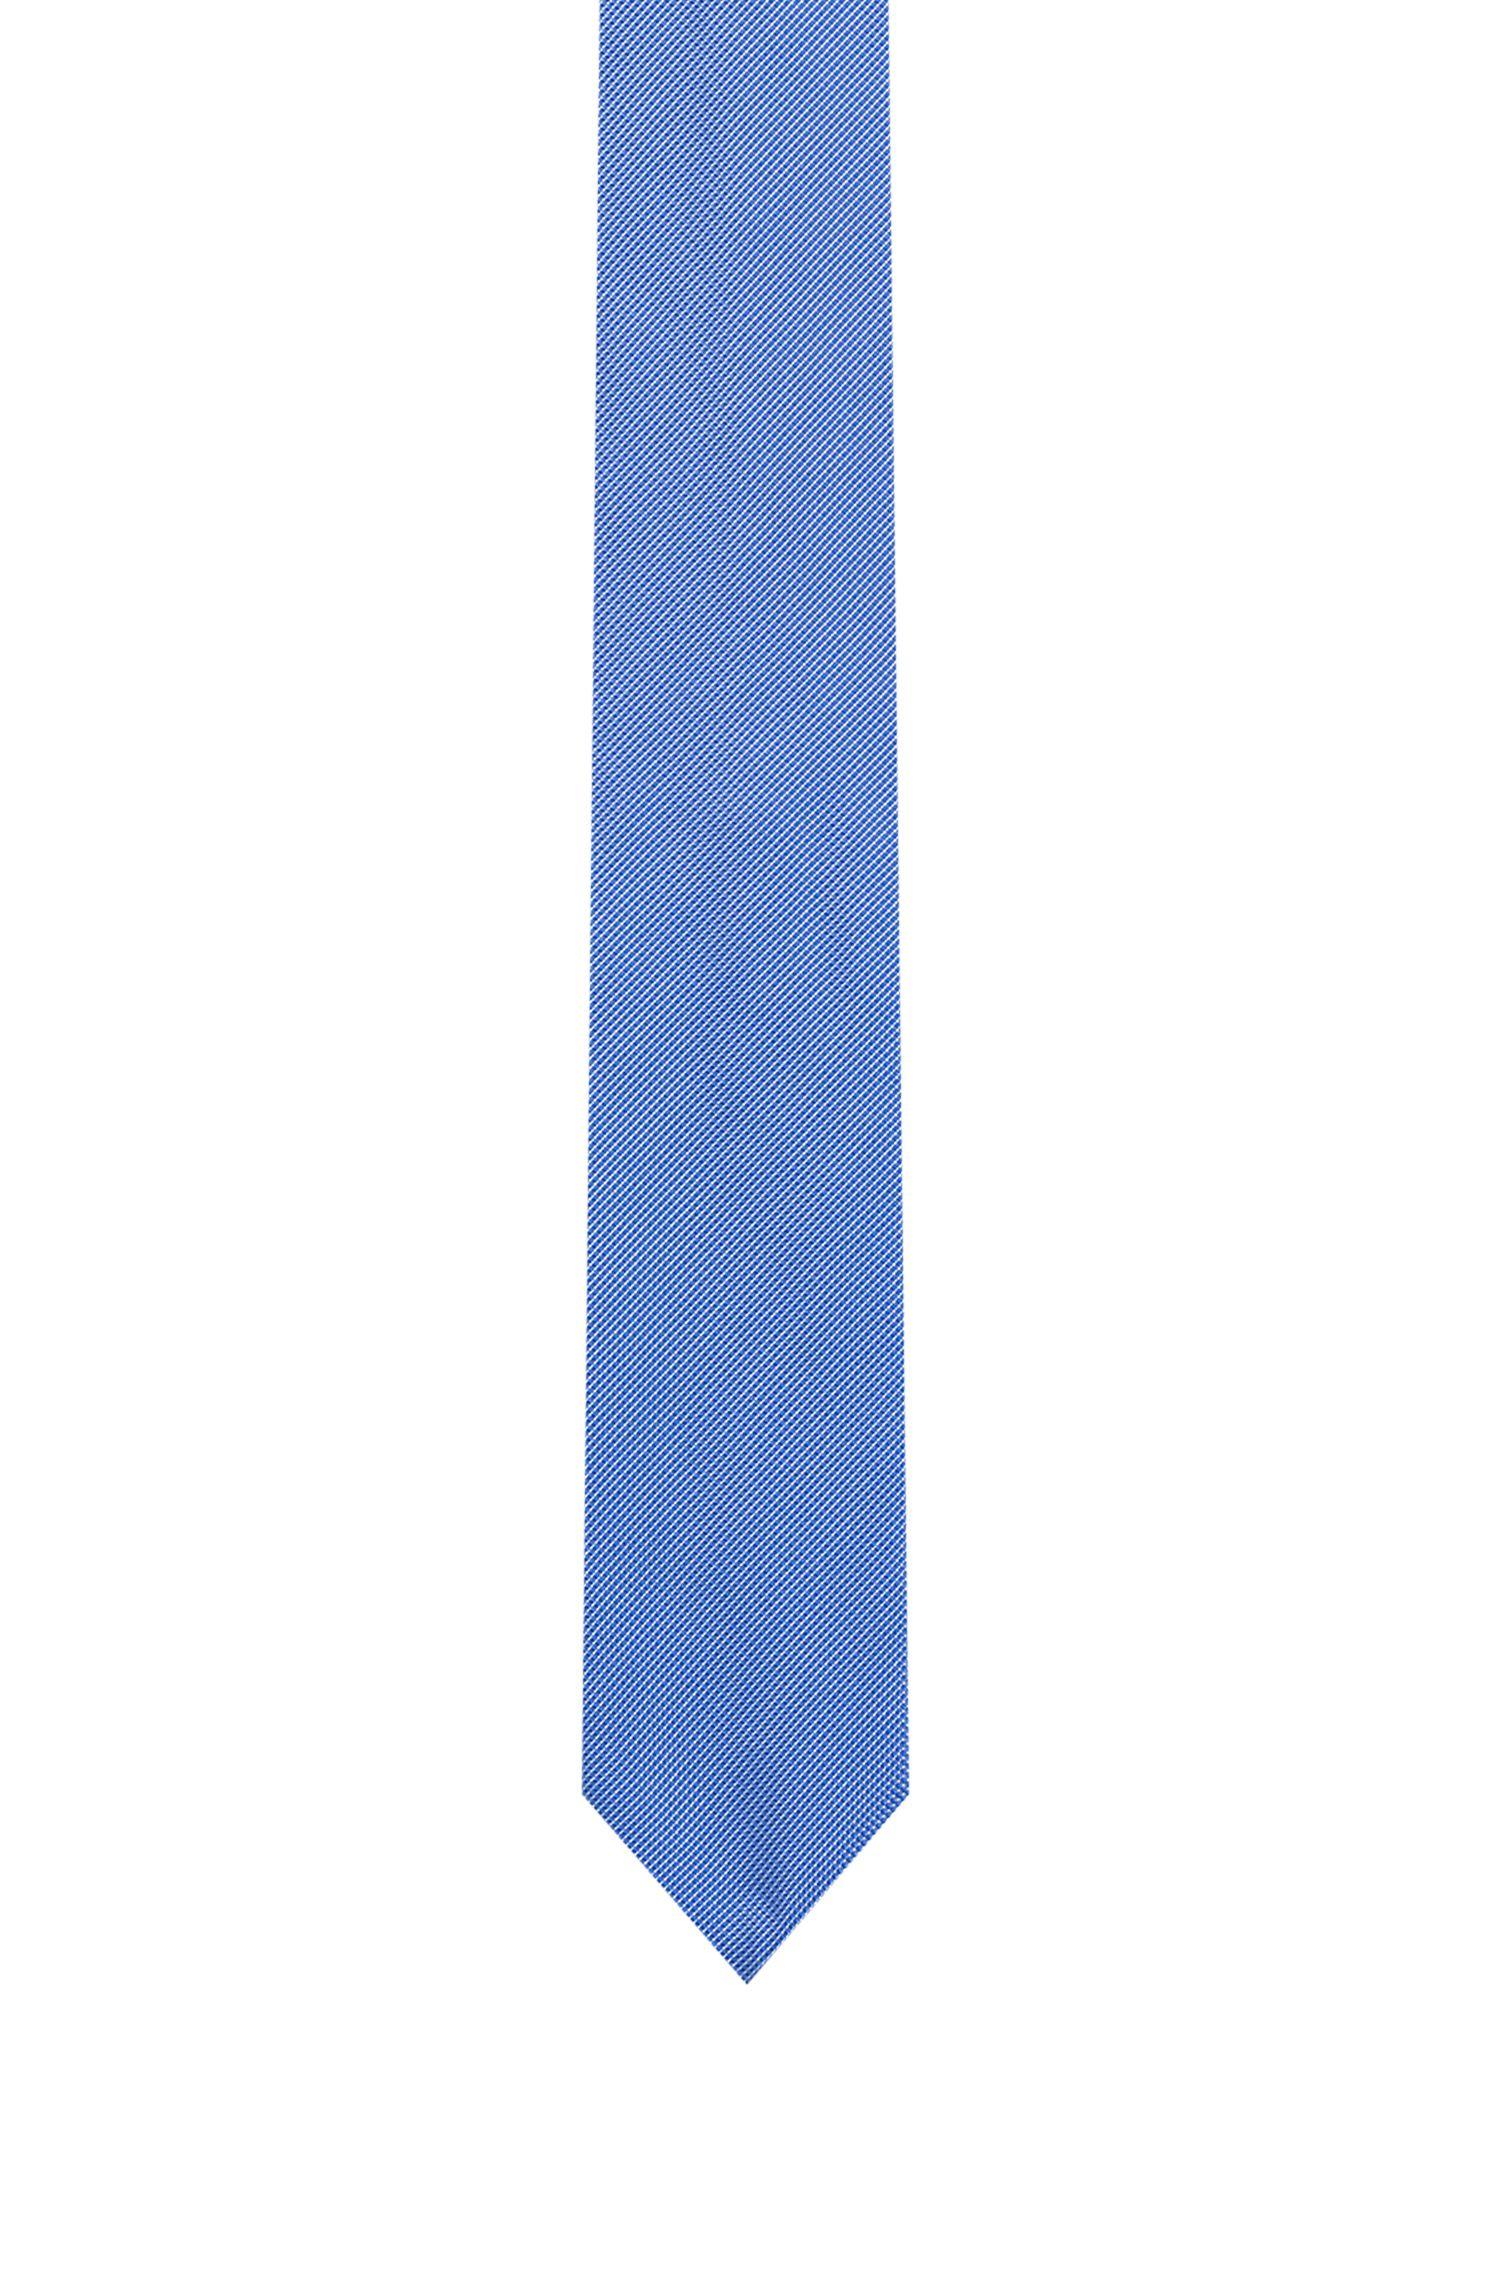 Cravate jacquard en pure soie à micro-pois